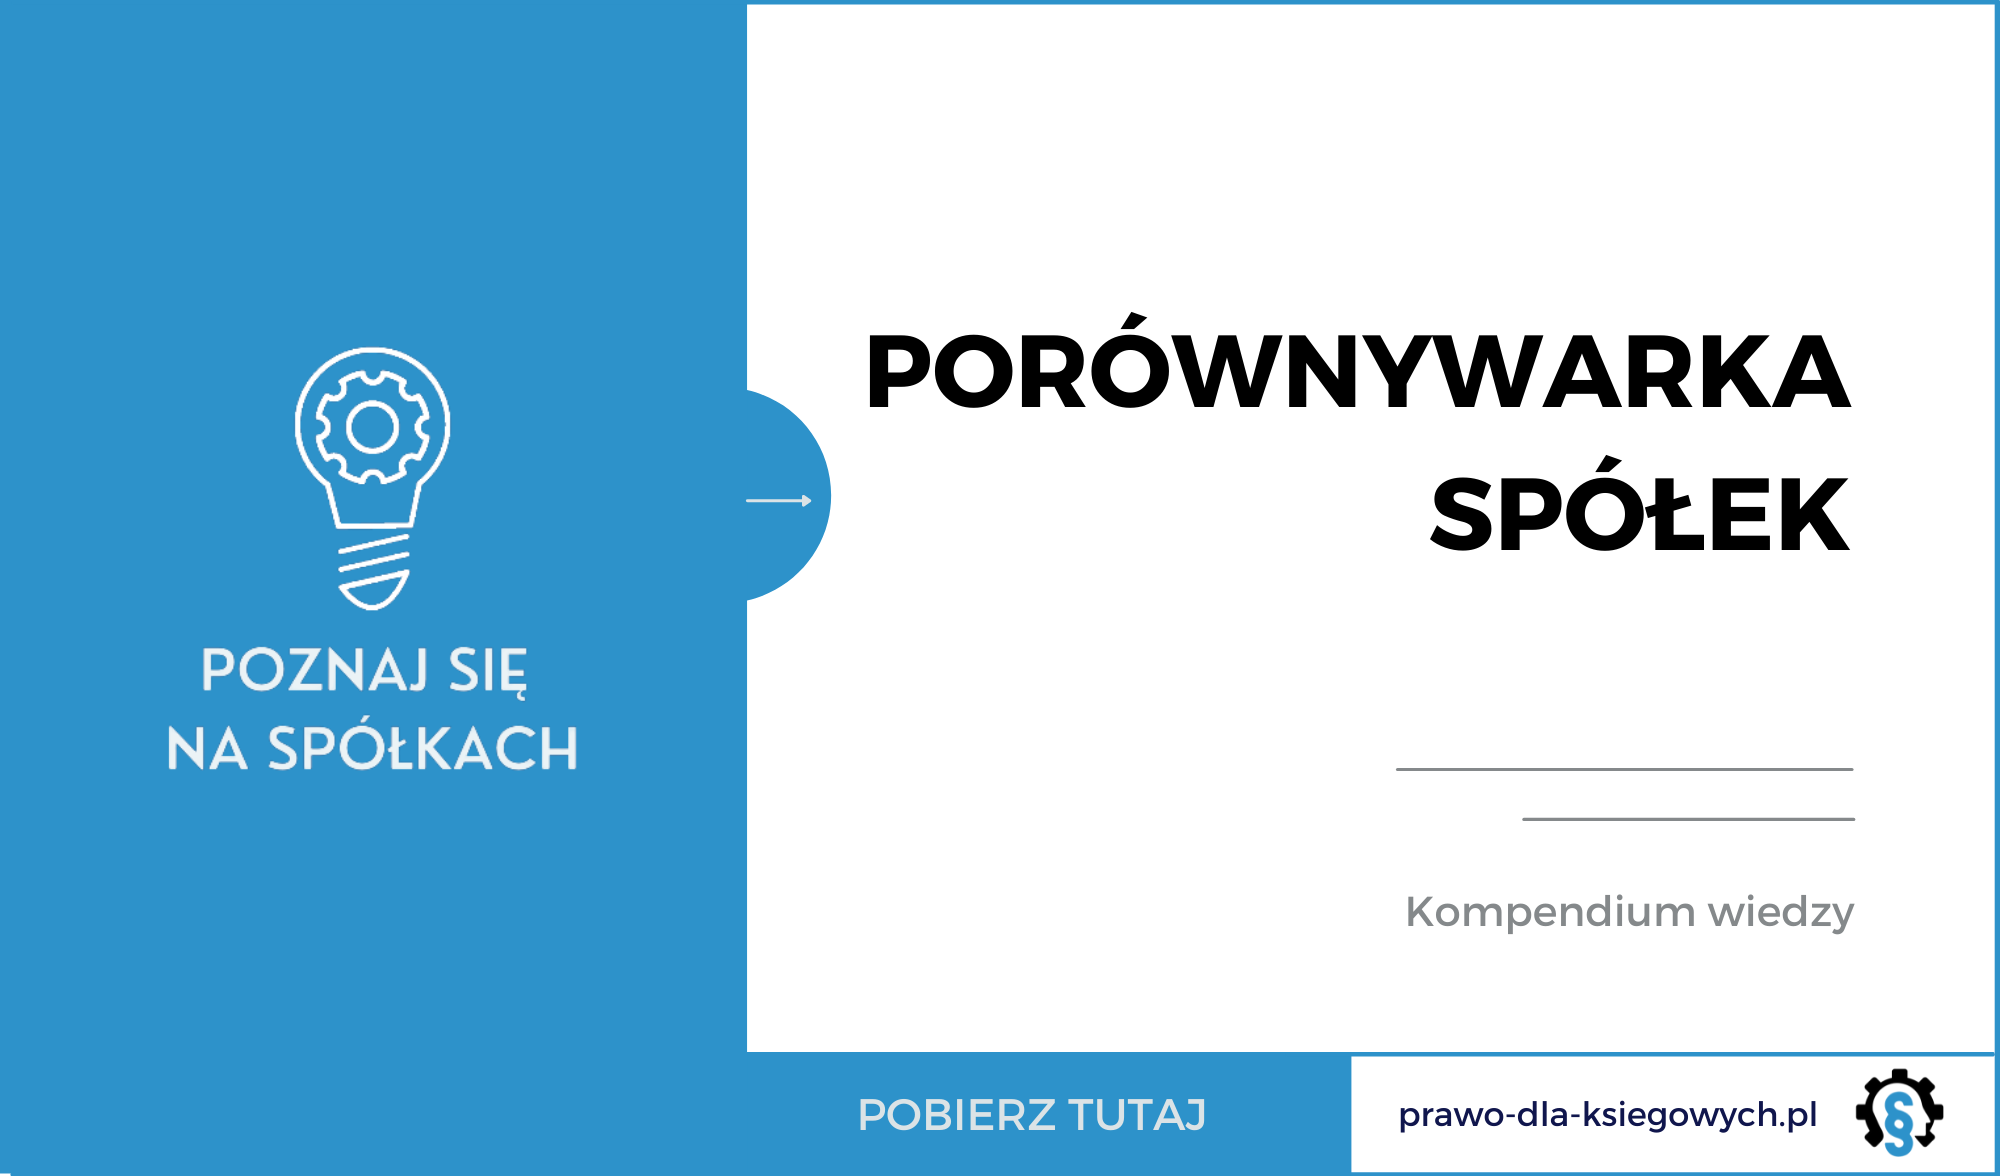 https://prawo-dla-ksiegowych.pl/dodatki-dla-subskrybentow/